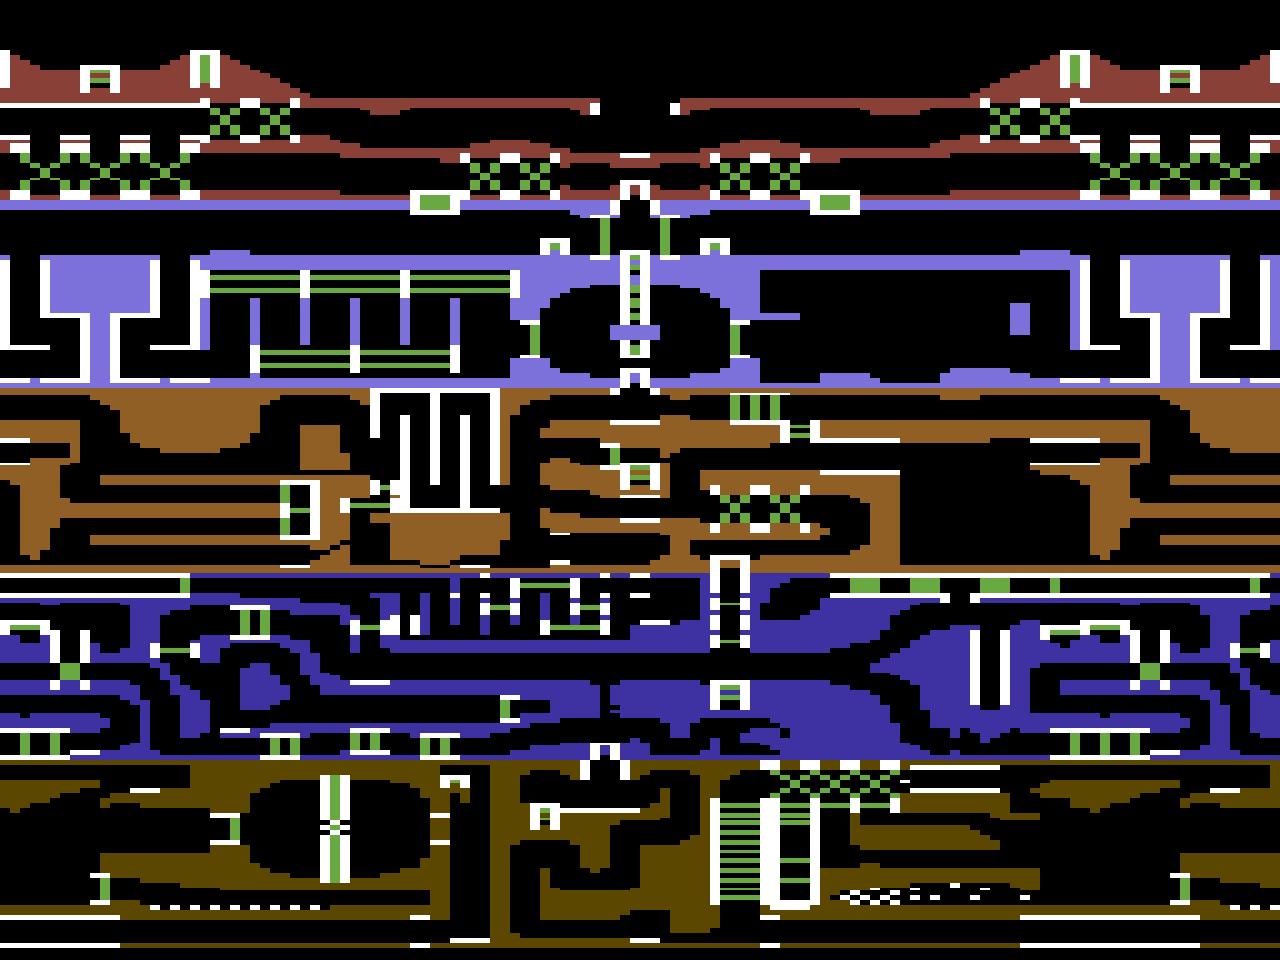 Die Übersicht des Höhlen-Labyrinths von Fort Apocalypse II, so wie es von David Riehl erweitert wurde. (Bild: David Riehl)